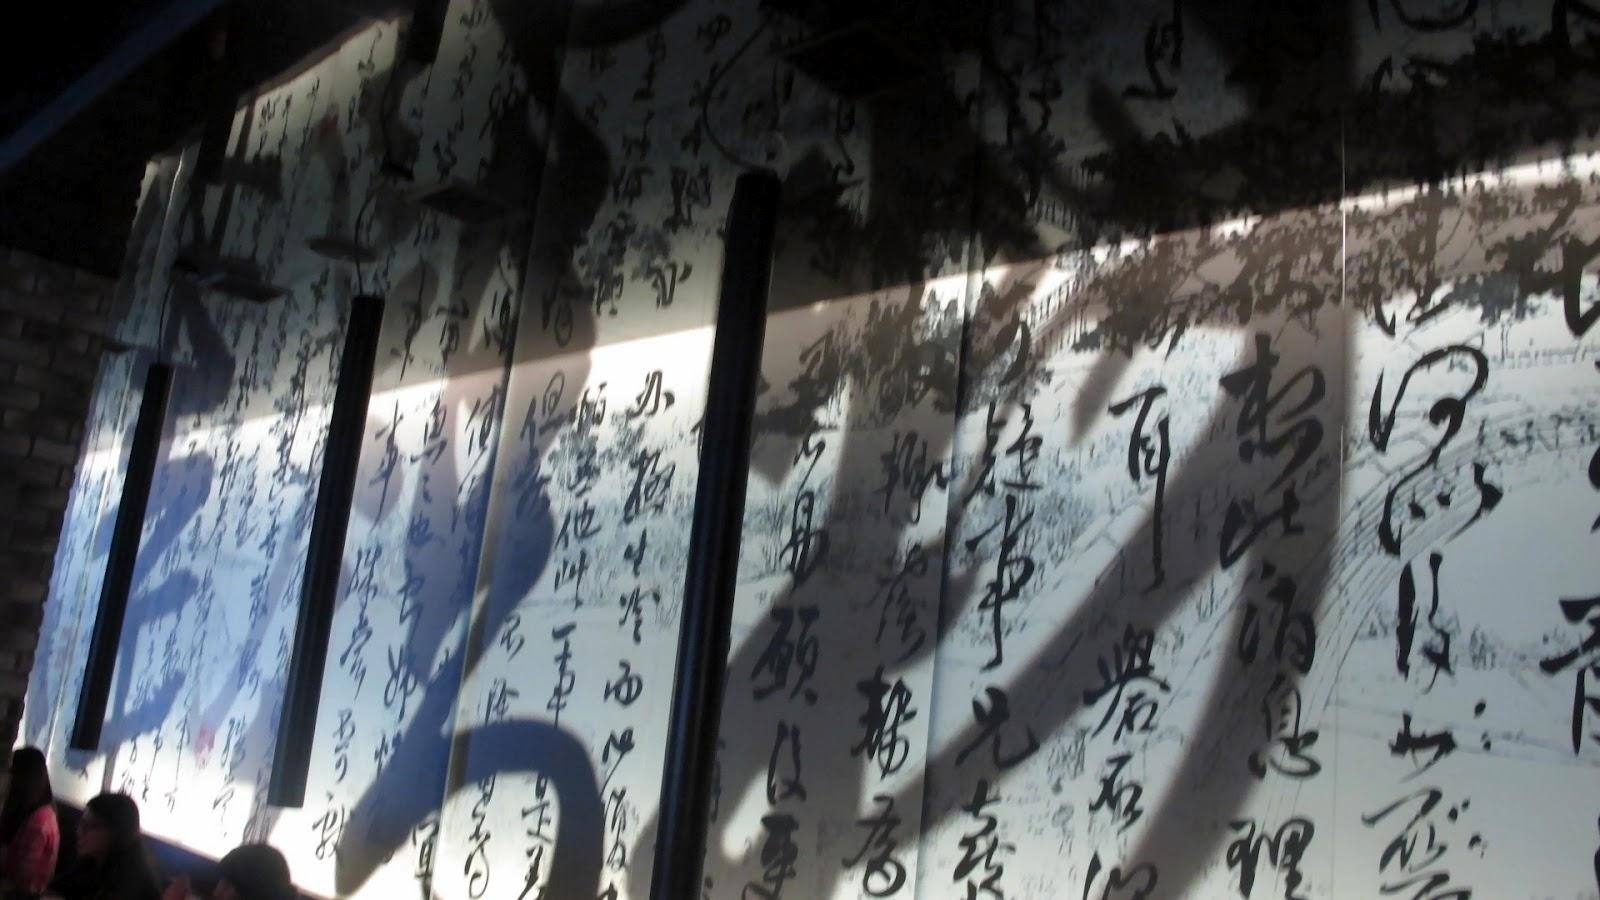 咖啡館藏教育匠: [食記][臺中]裝潢有特色 客人排到滿出來-輕井澤(公益路旗艦店) 2012/10/11